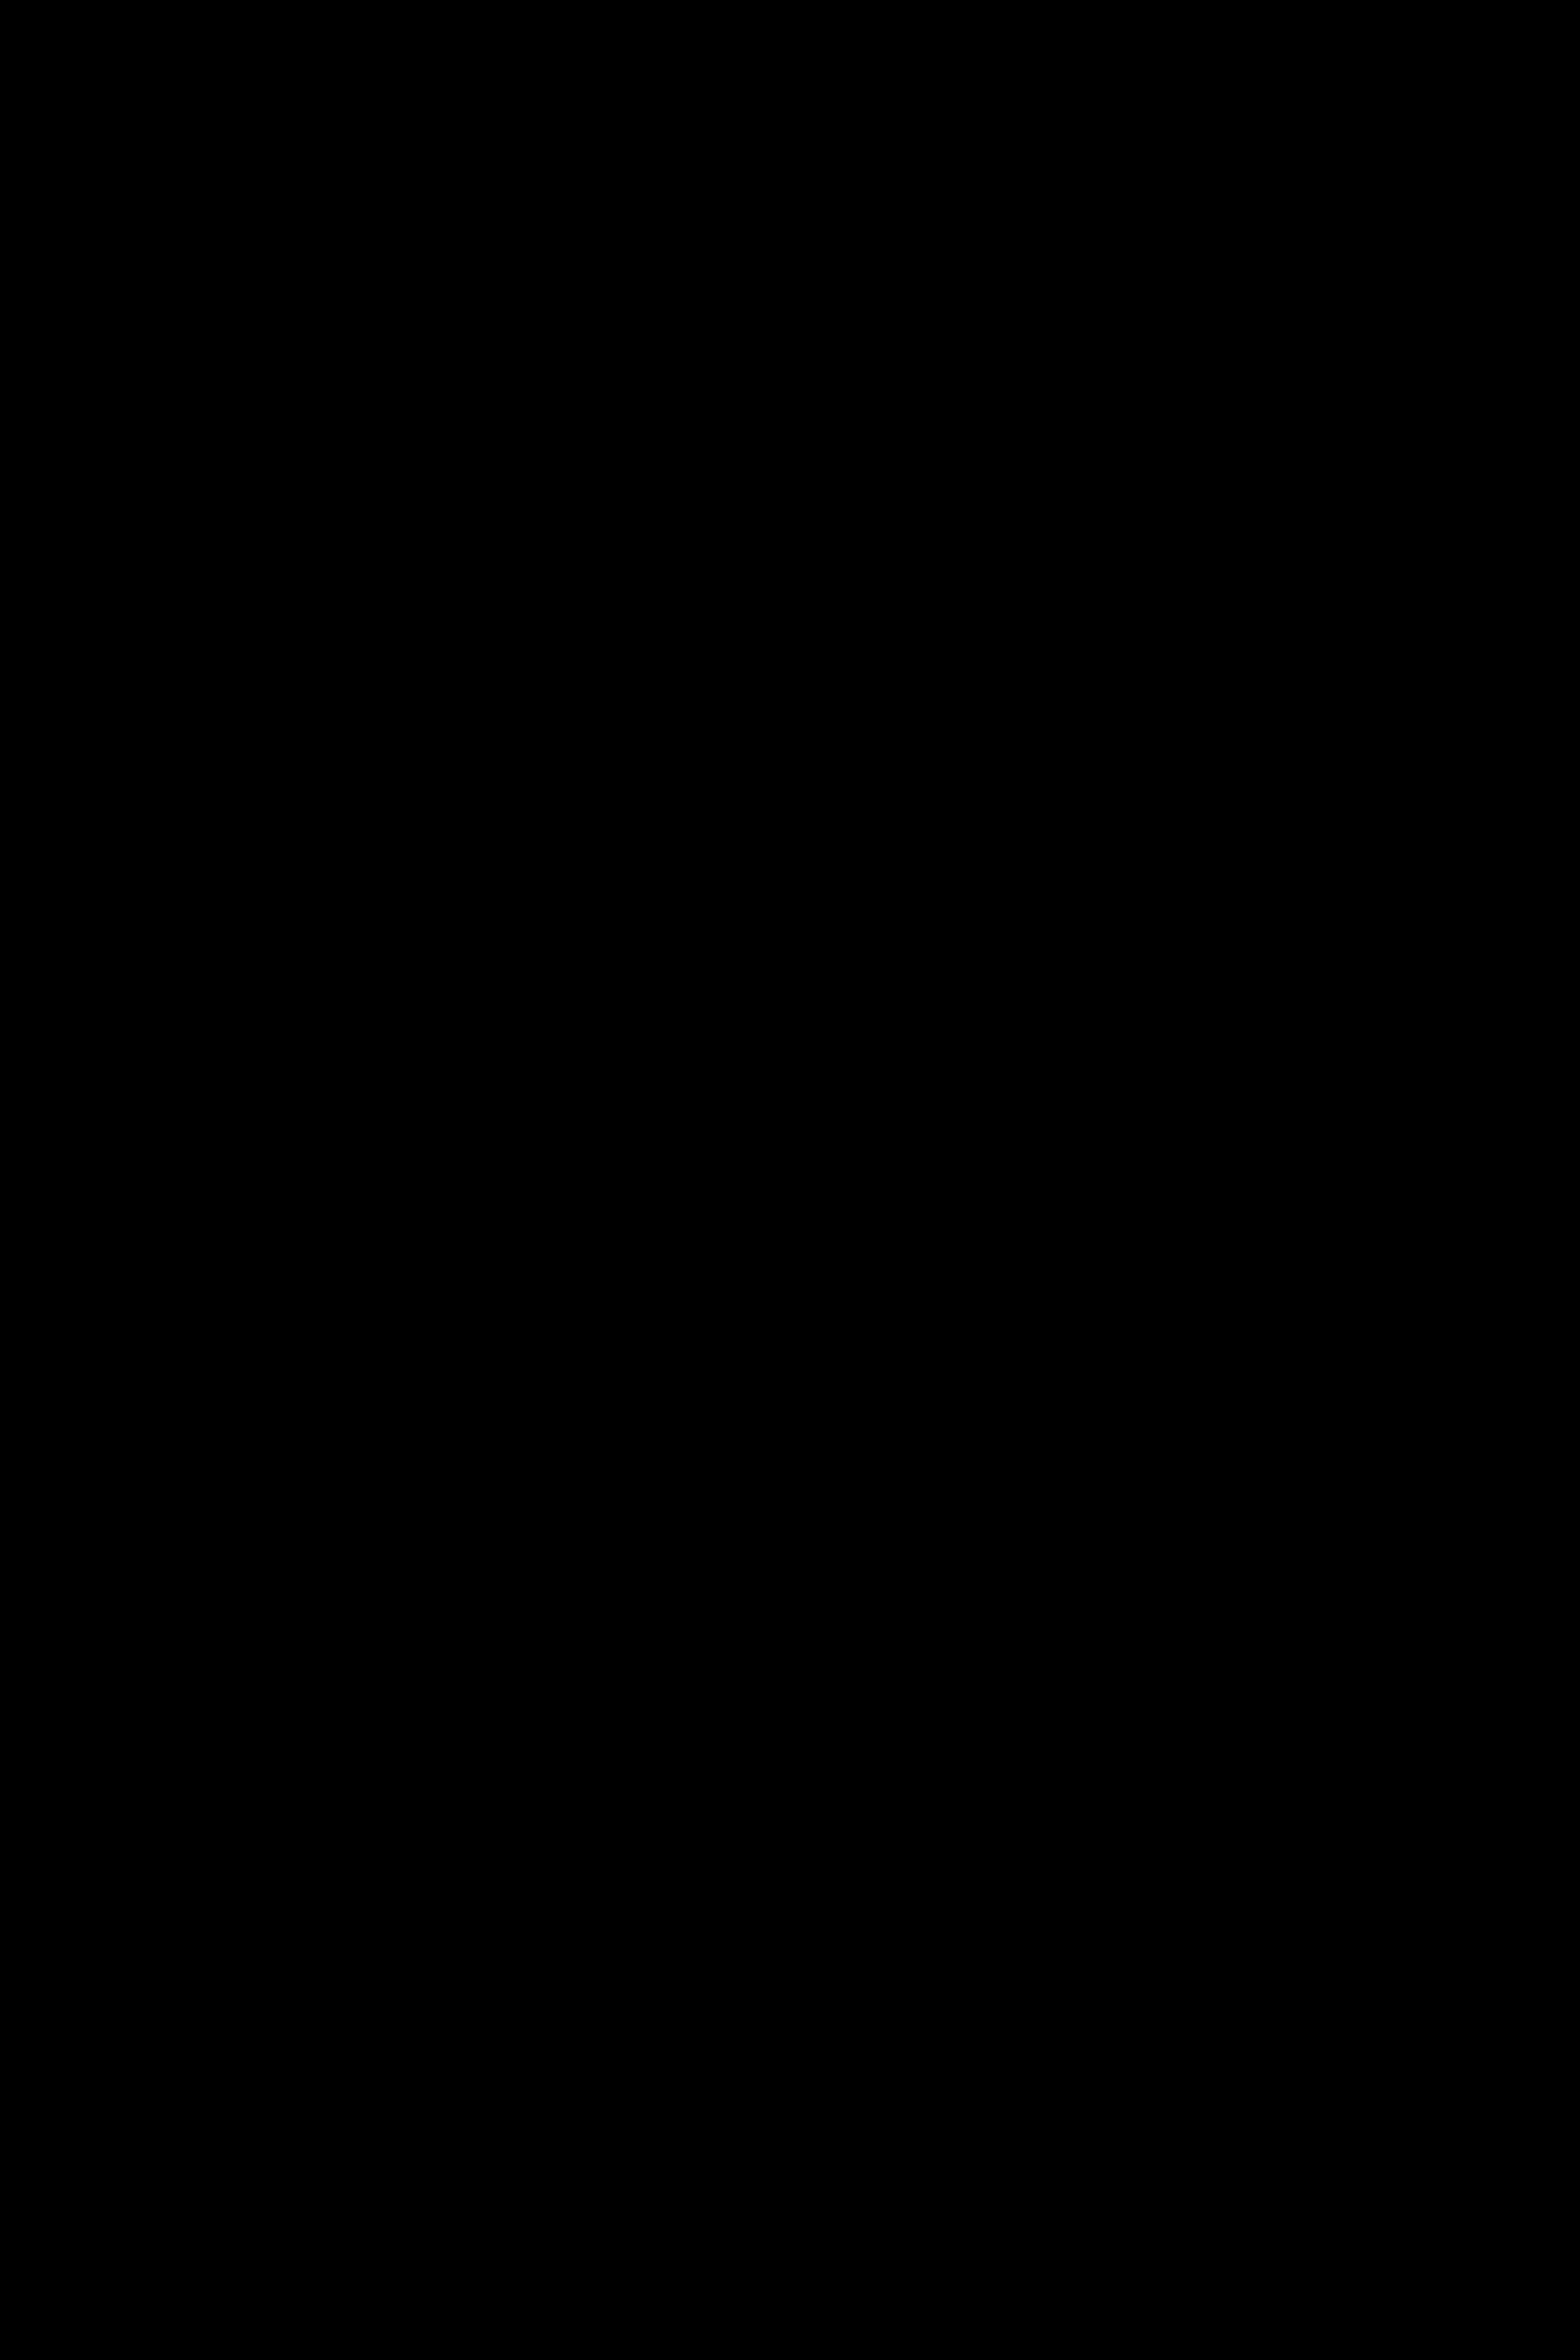 Графический дизайн, идея серии постеров фото f_3055aa988b179947.jpg